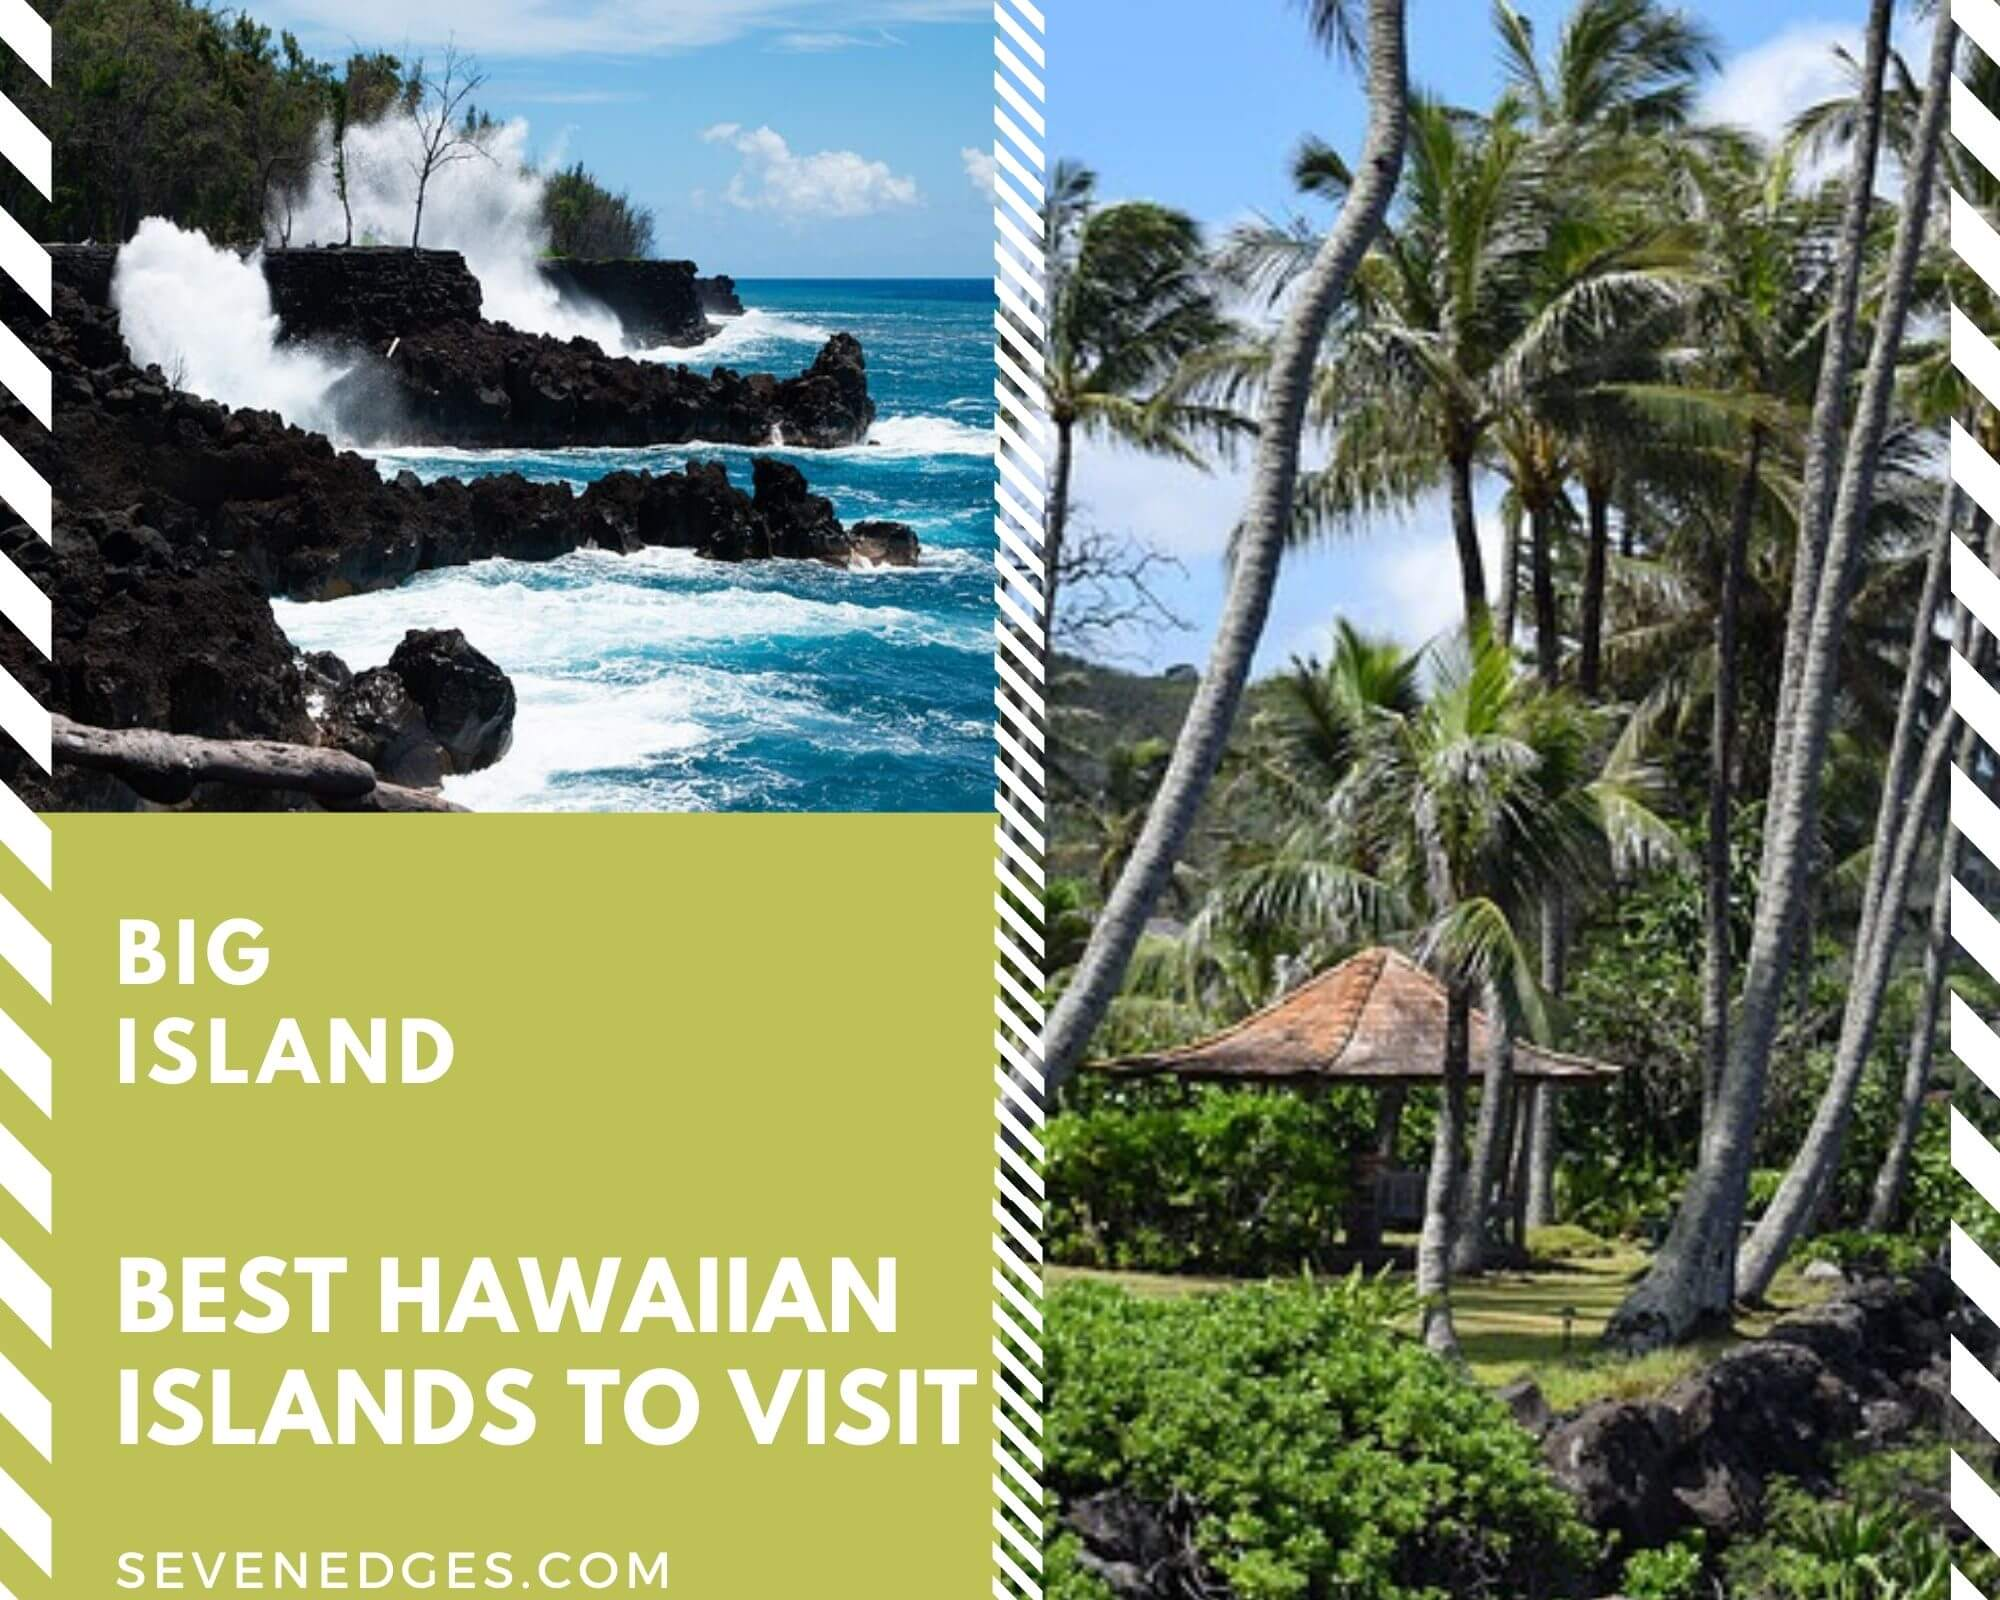 Best Hawaiian Islands